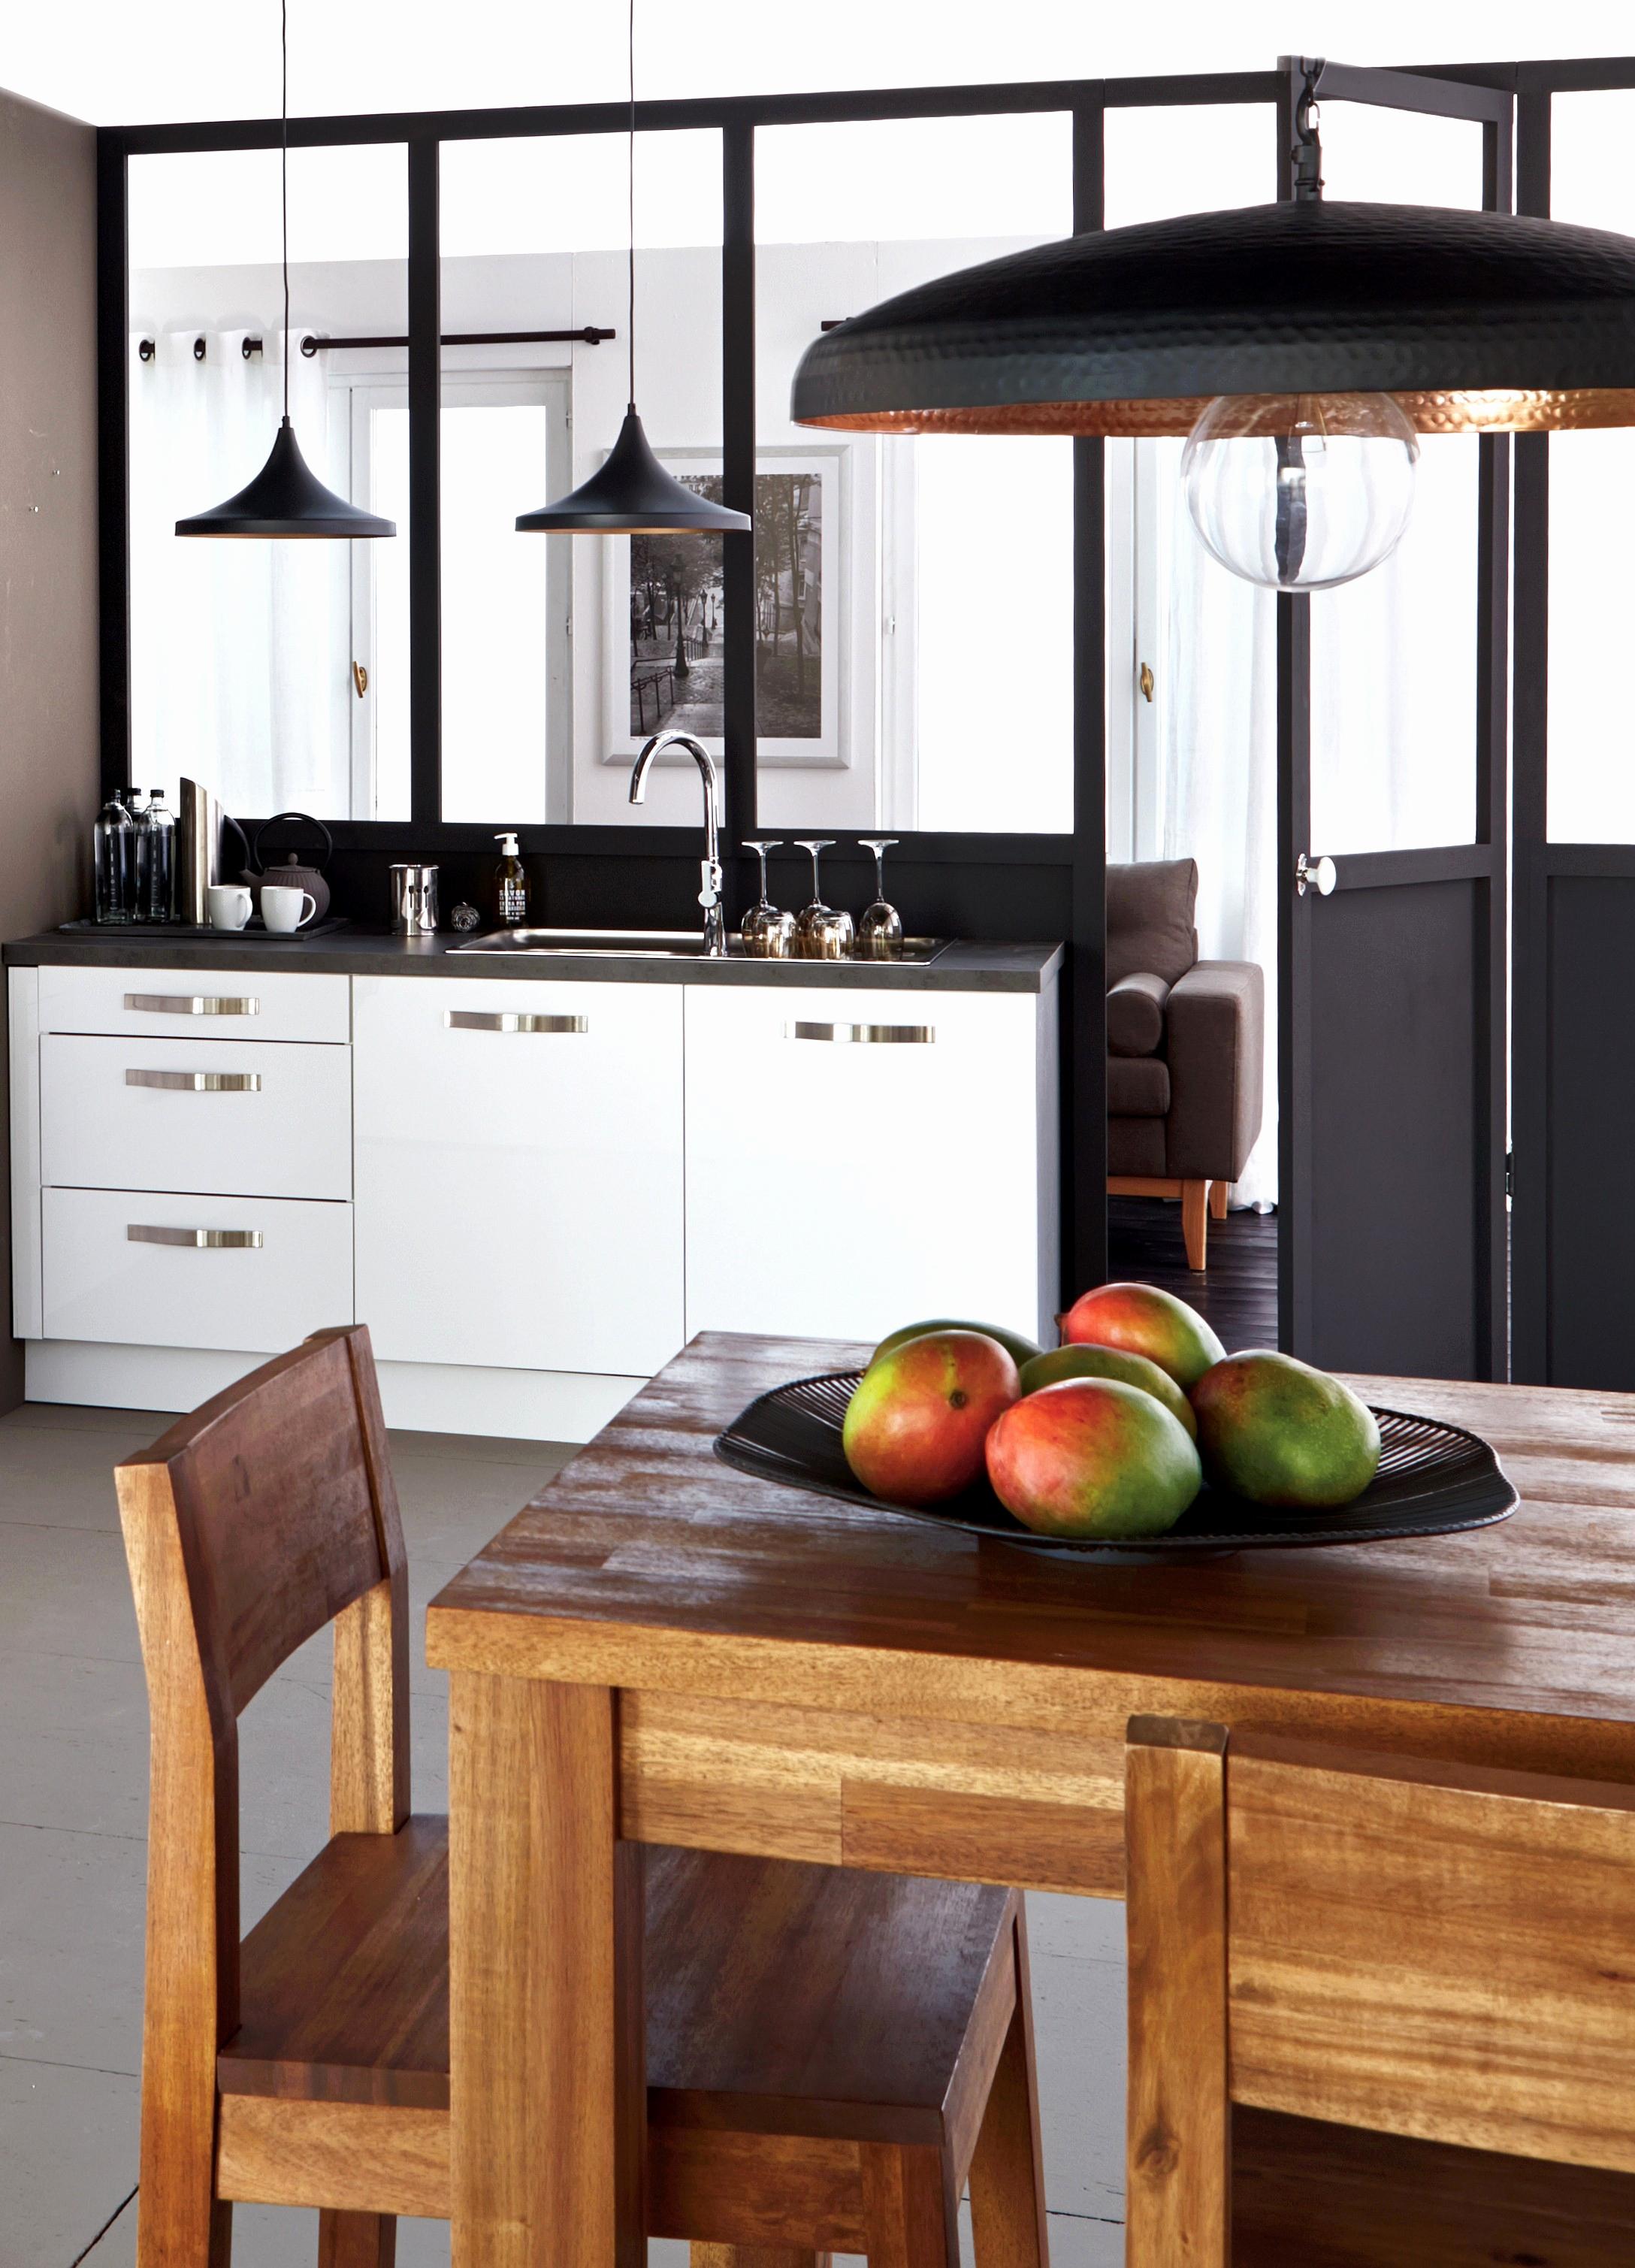 Ikea Cuisine Hittarp Élégant Photos Couleur Cuisine Ikea Best Ikea Chaise Cuisine Ikea Chaise Cuisine